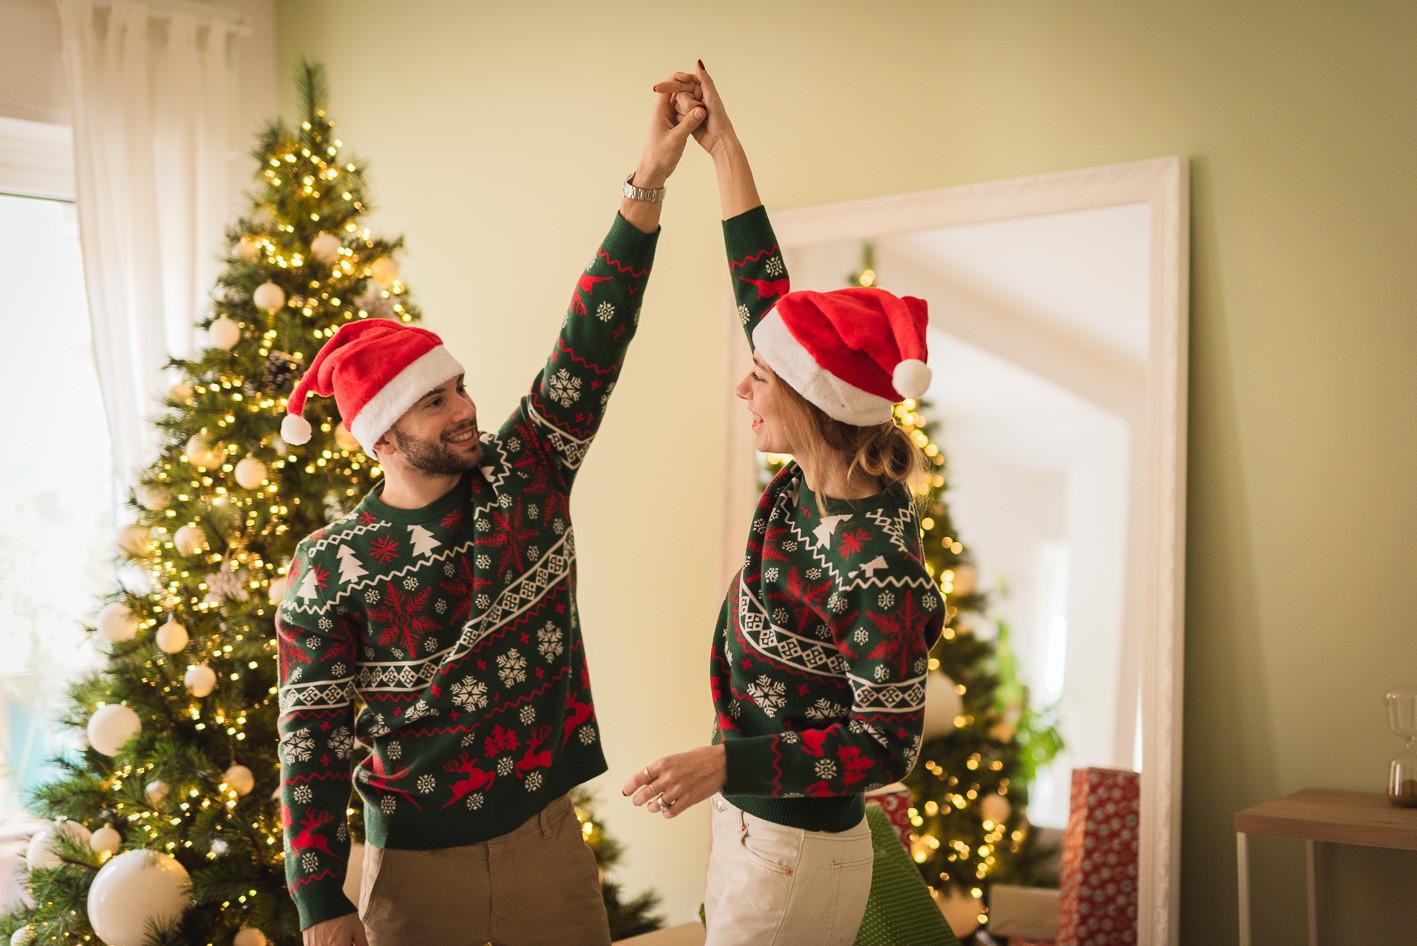 coppia che balla vestiti da natale